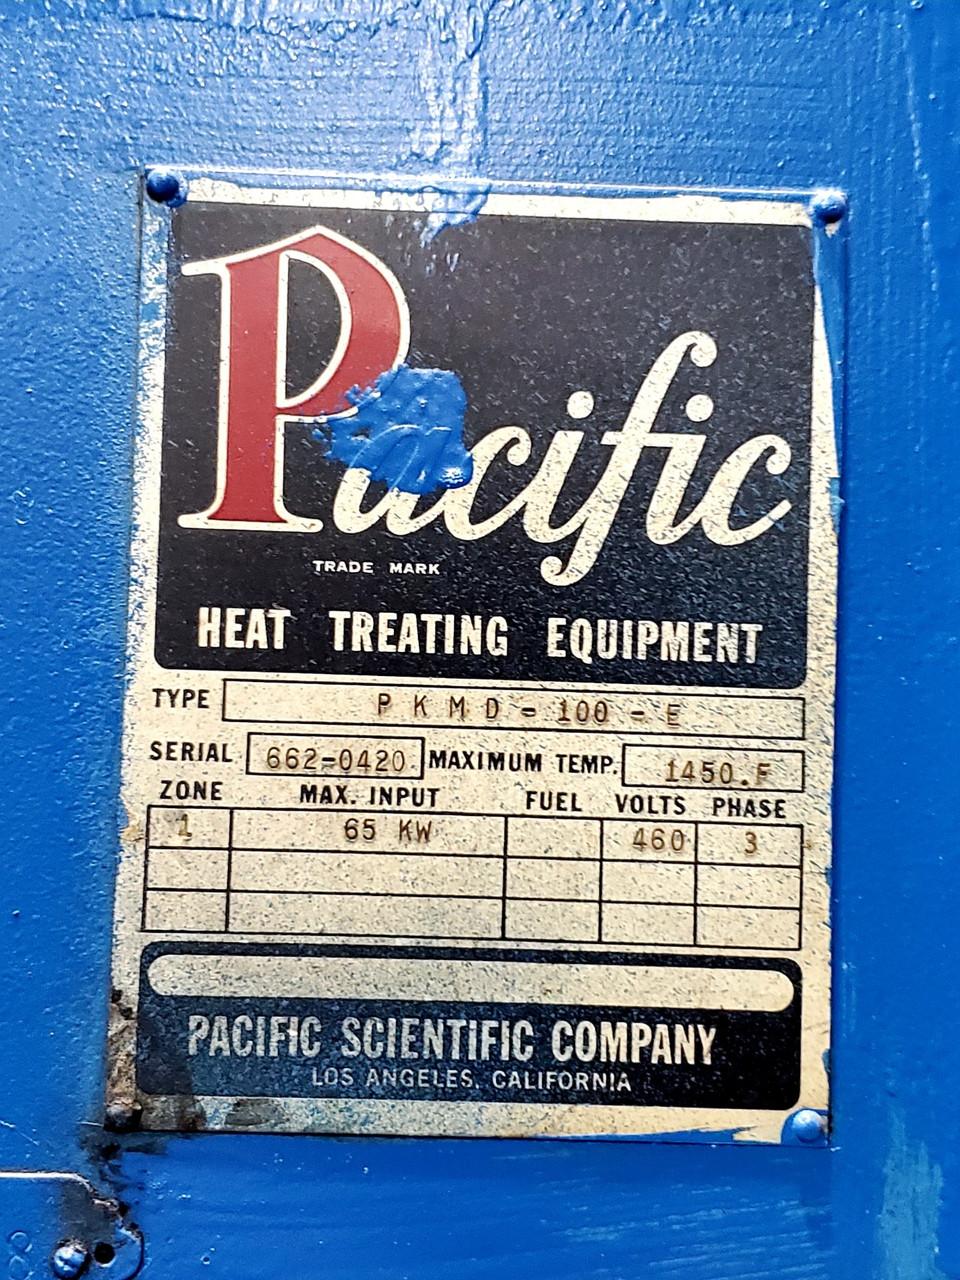 Pacific Scientific 30x48x30 1450°F Electric Temper (S/N 662-0420)